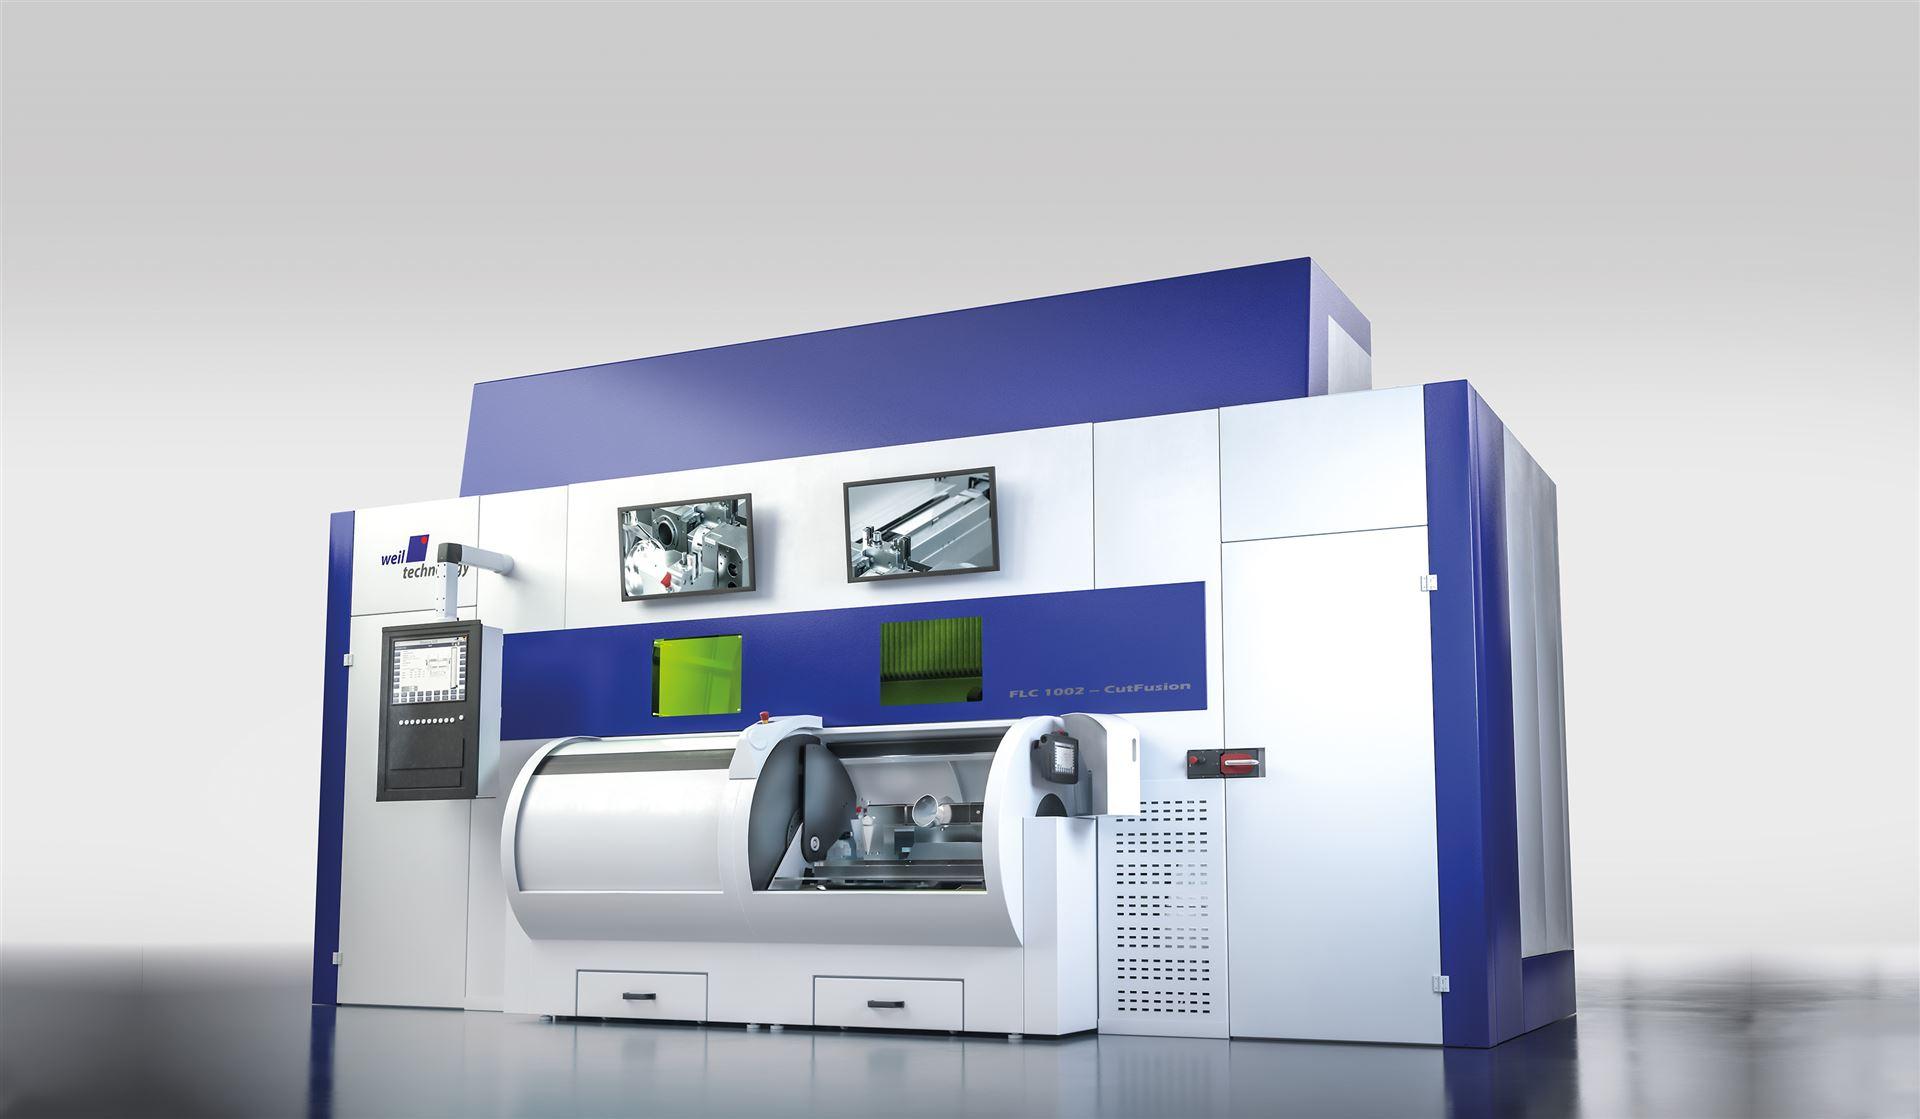 FLC: Simultanes Laserschneiden und -schweißen in einer Maschine